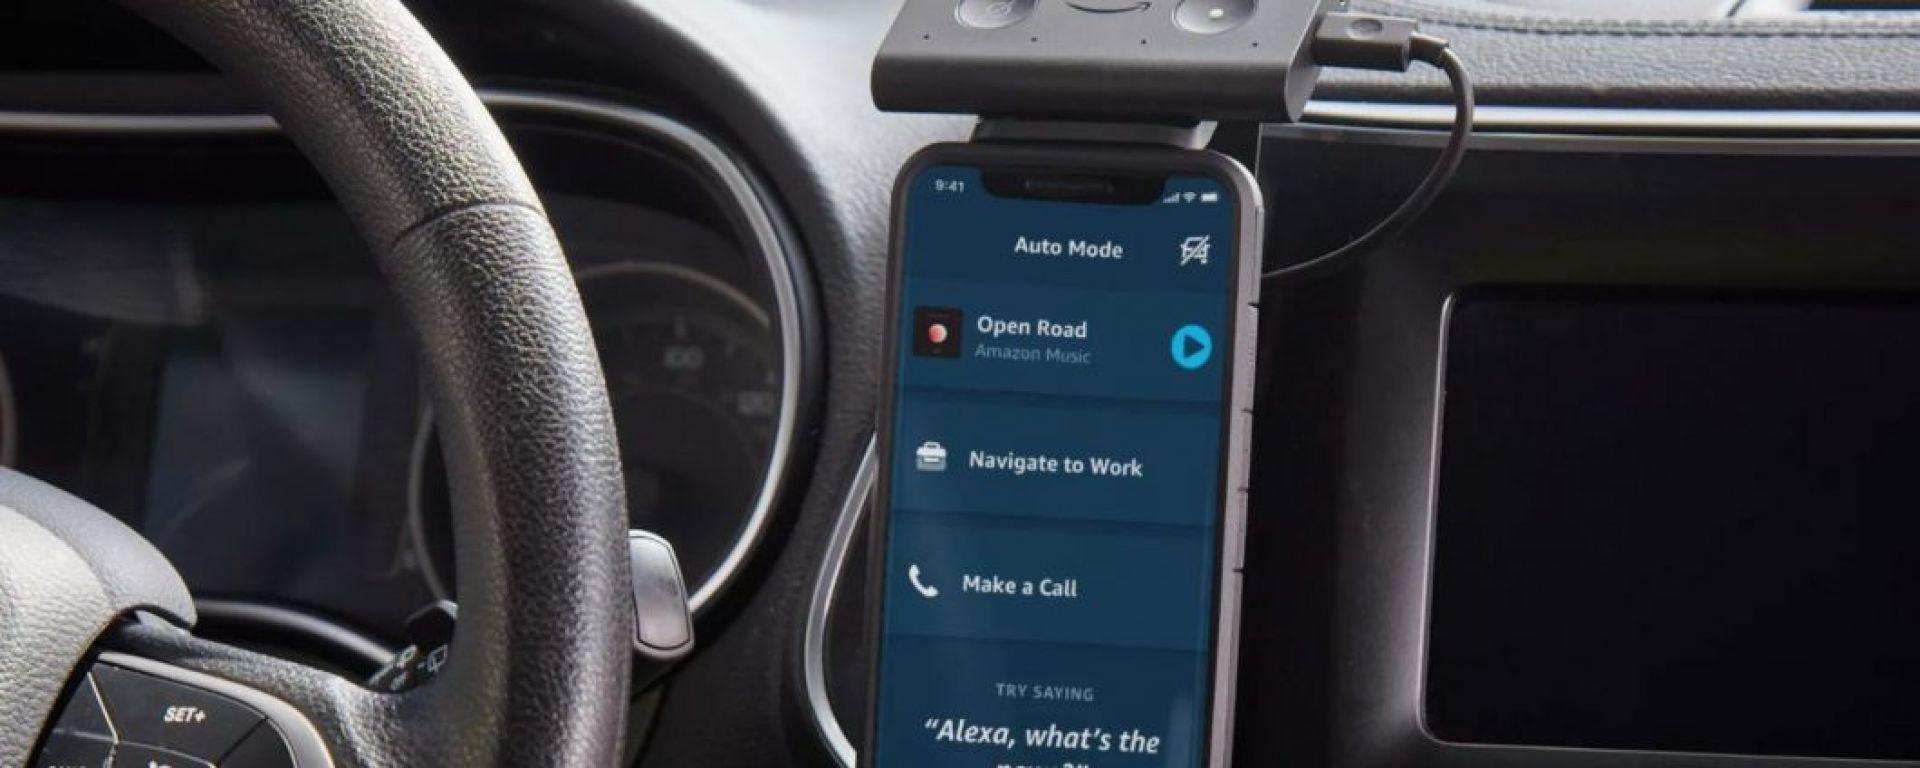 Echo con Alexa e la nuova Modalità Auto